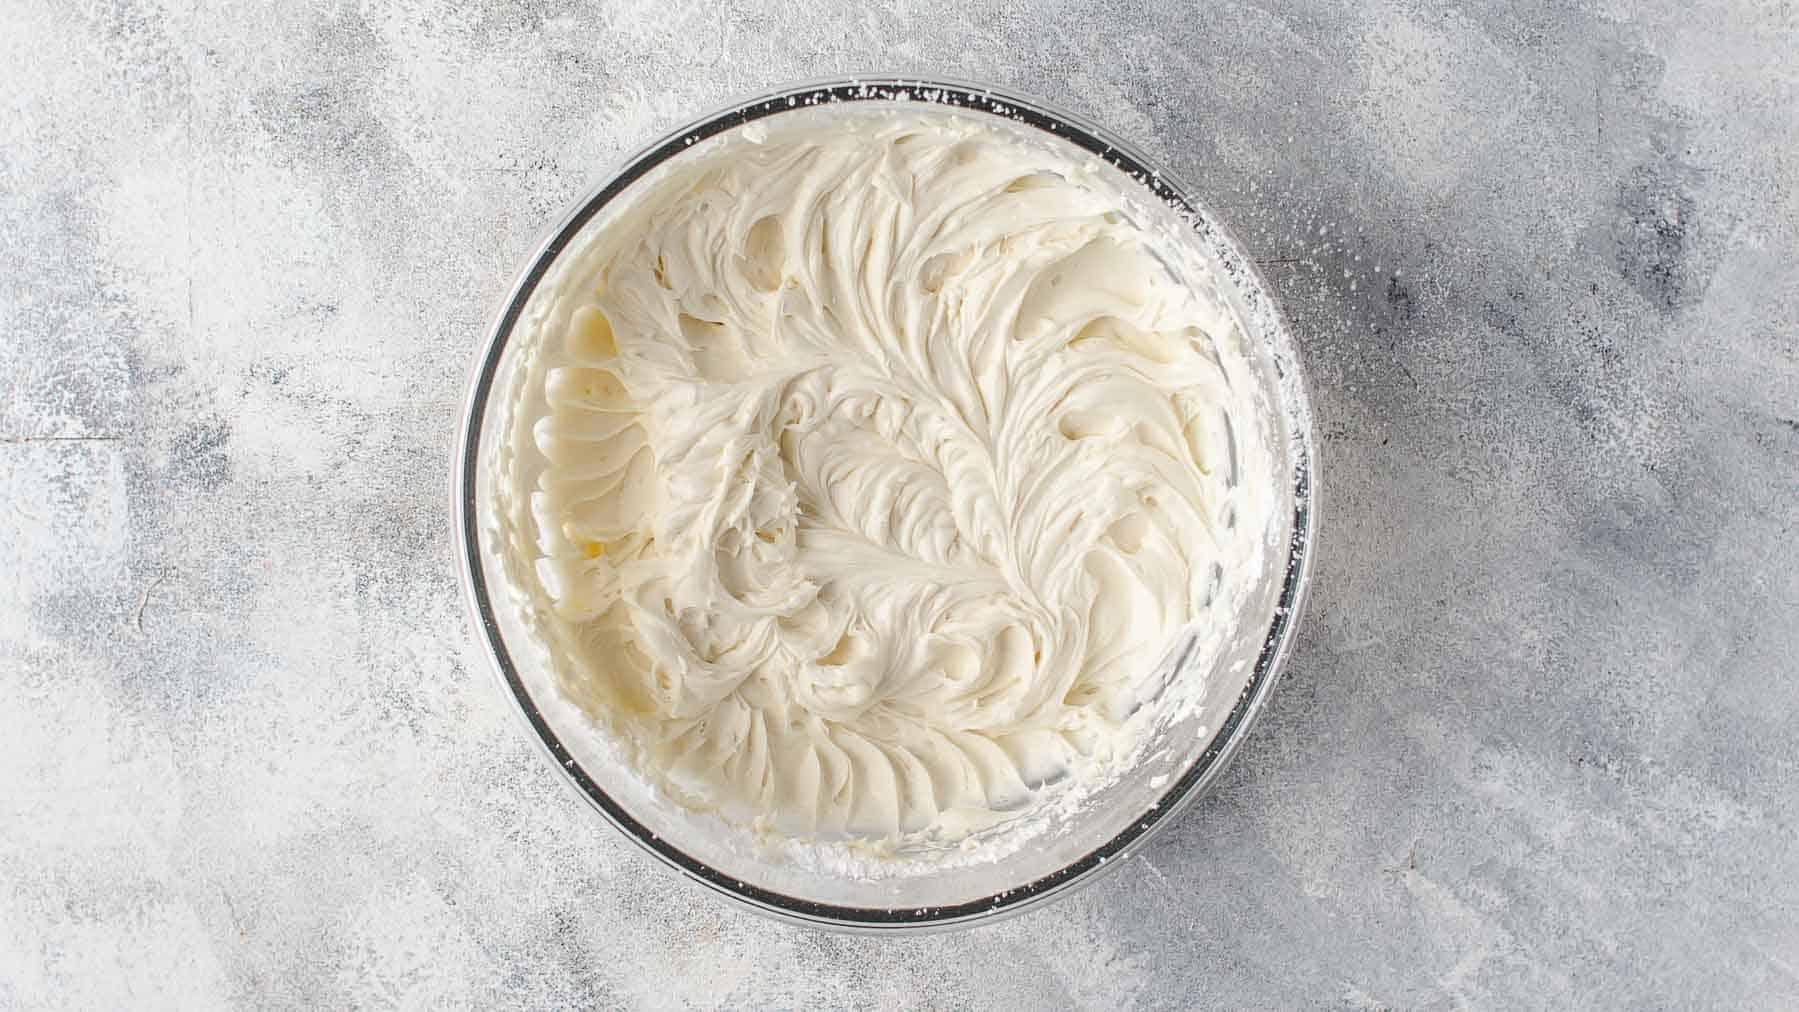 Mixed mascarpone and powdered sugar